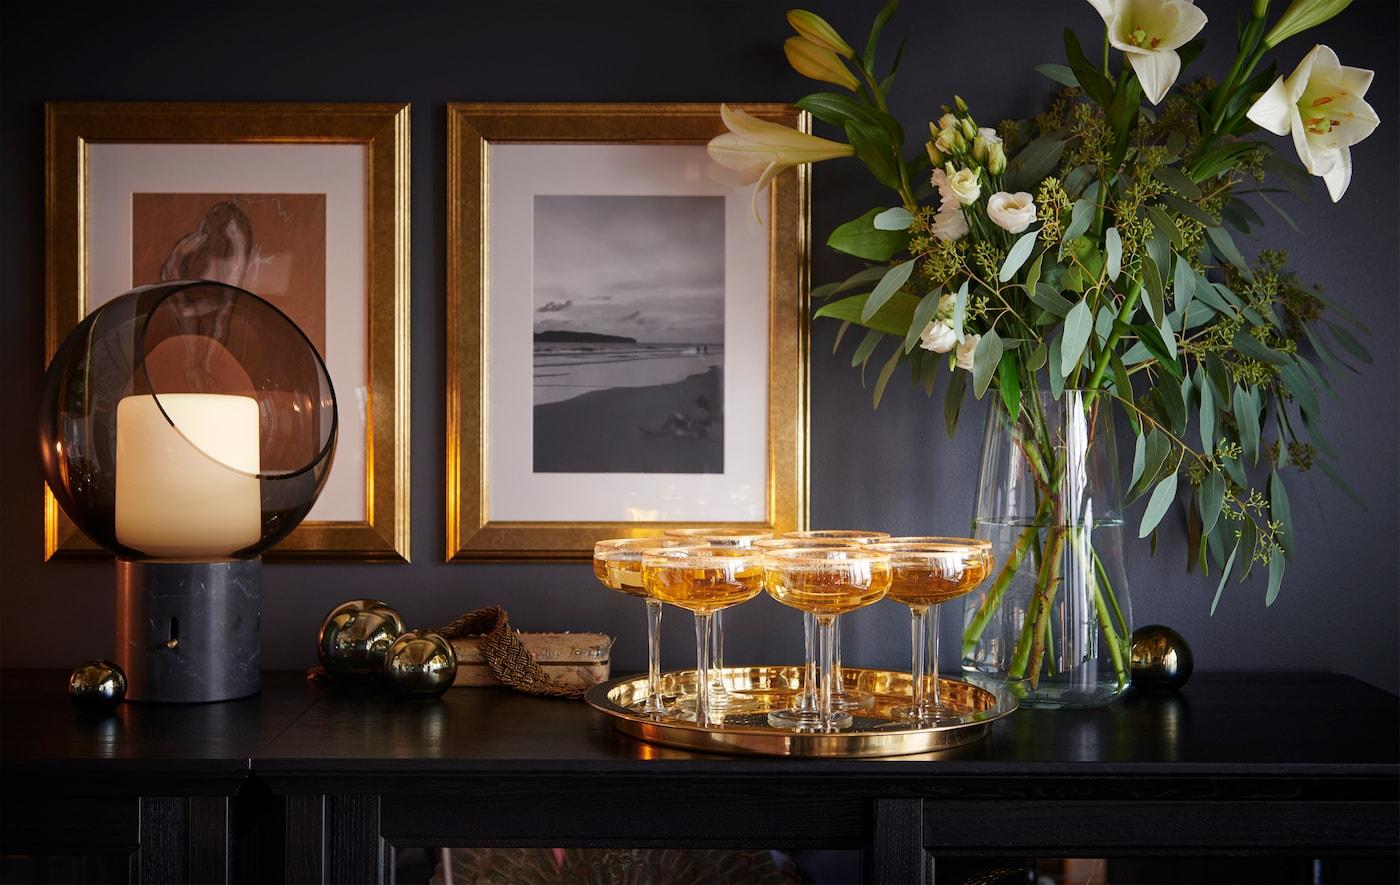 Edle Champagner-Gläser stehen auf einem Tablett auf einer dunklen, stilvollen Vitrine mit Blumen.